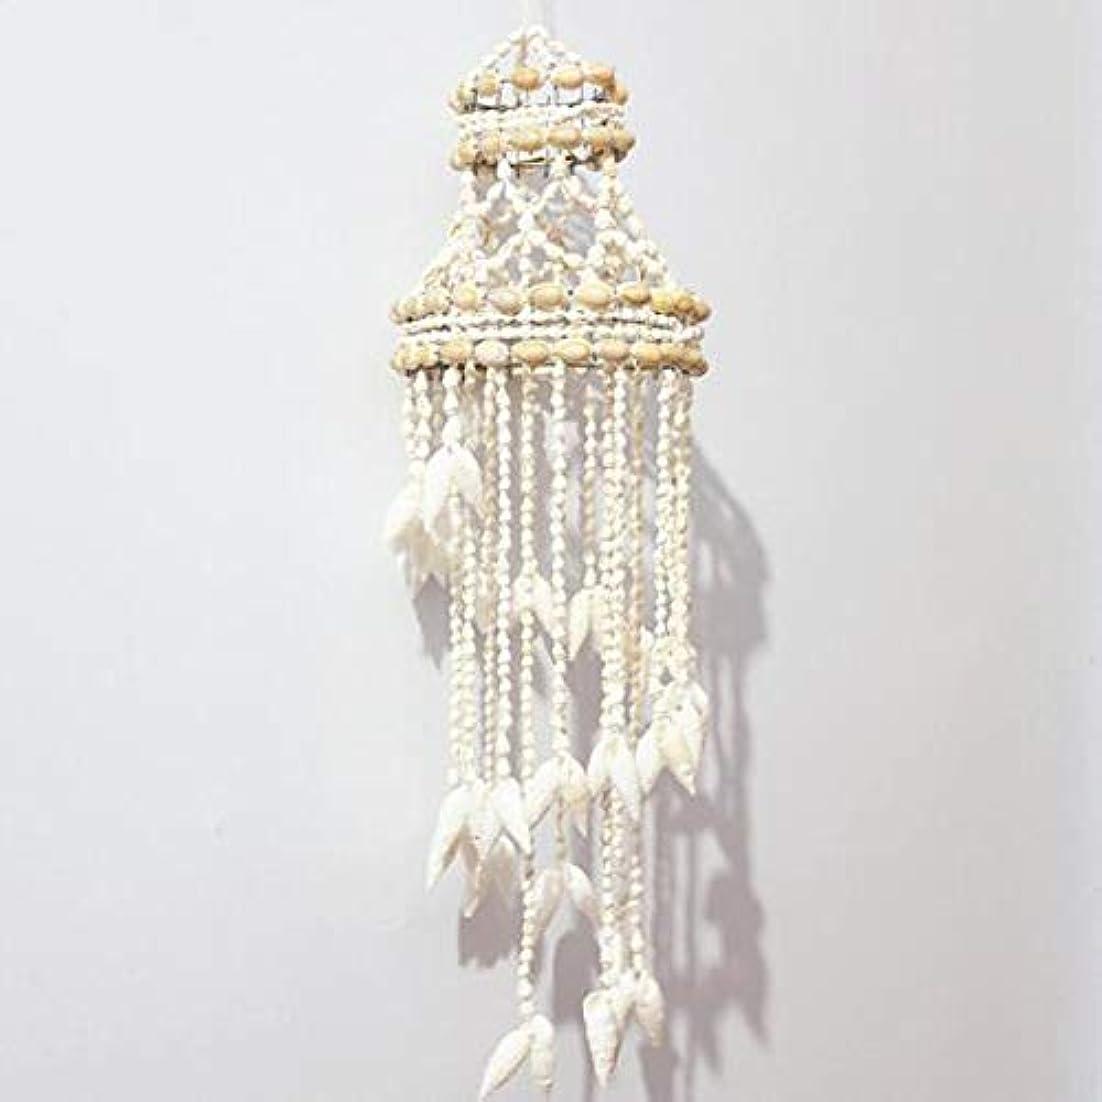 ために気絶させるジョグYoushangshipin 風チャイム、ナチュラル手作りシェル風の鐘、ホワイト、約長さ50cm,美しいギフトボックス (Color : B)